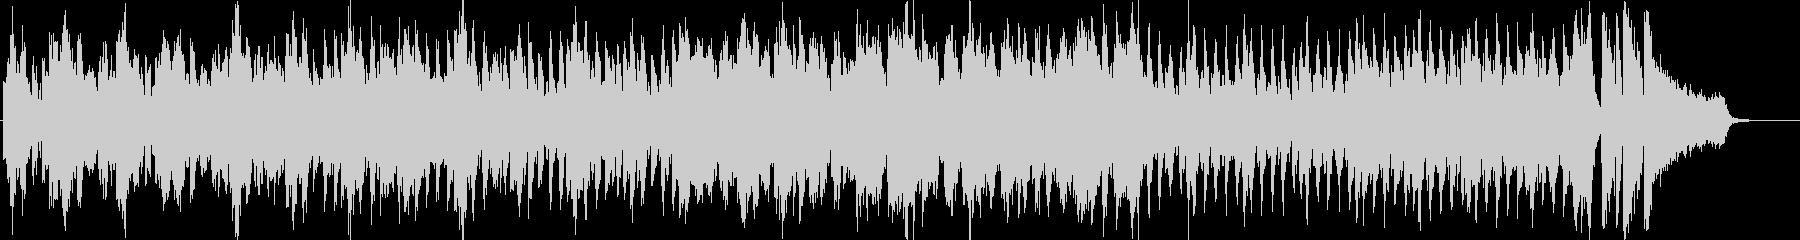 ピアノの軽快なポップスの未再生の波形